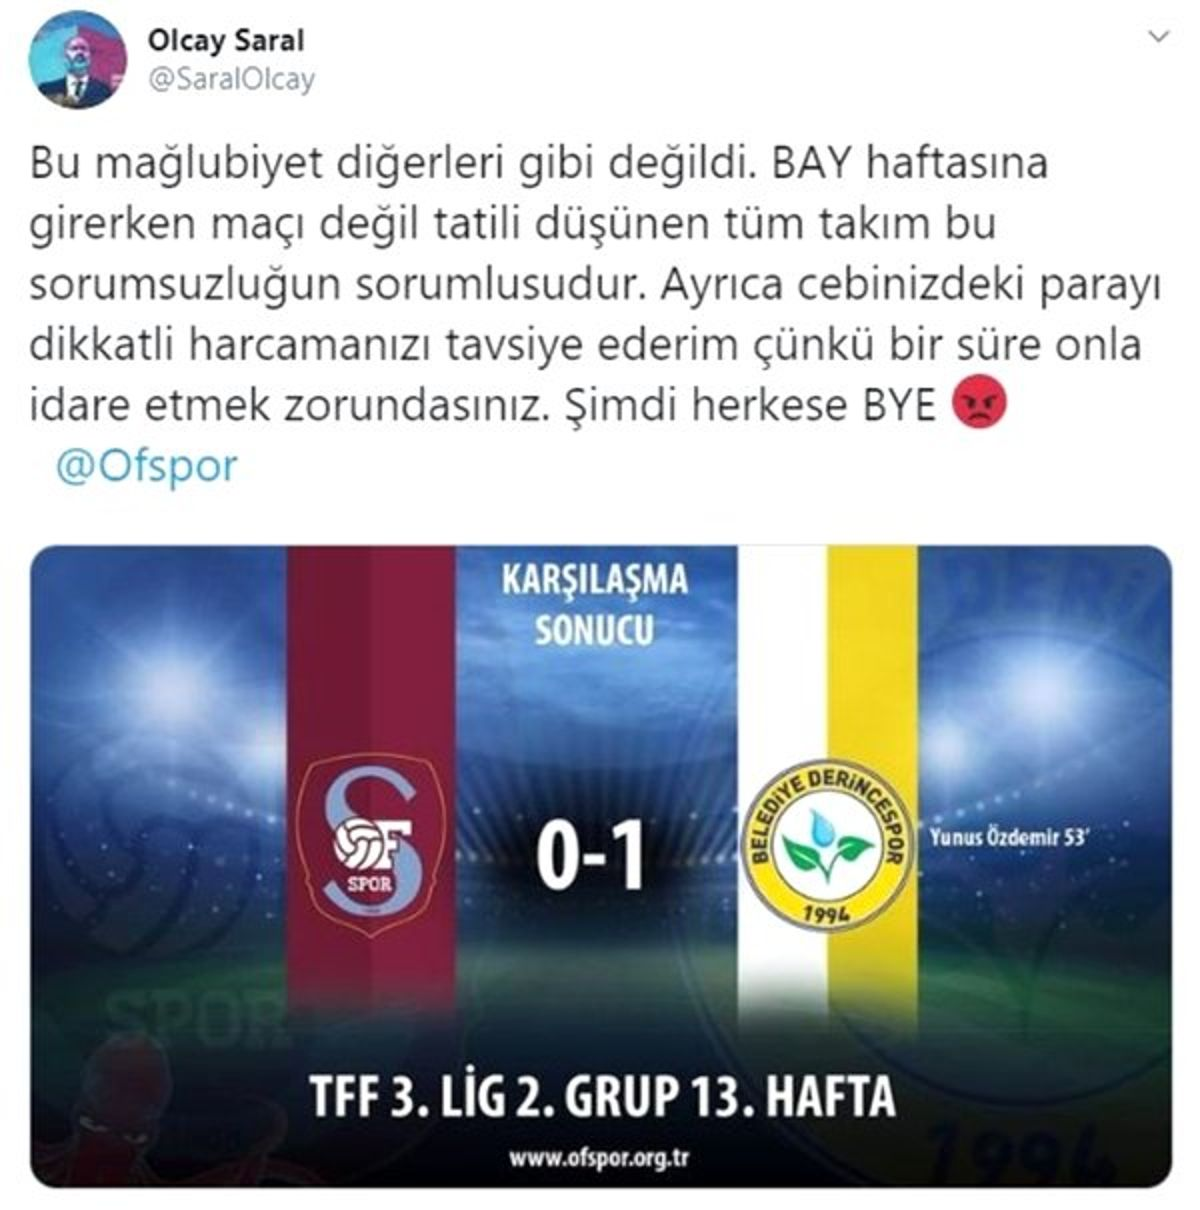 Ofspor Başkanı Olcay Saral, futbolcularını tehdit etti!